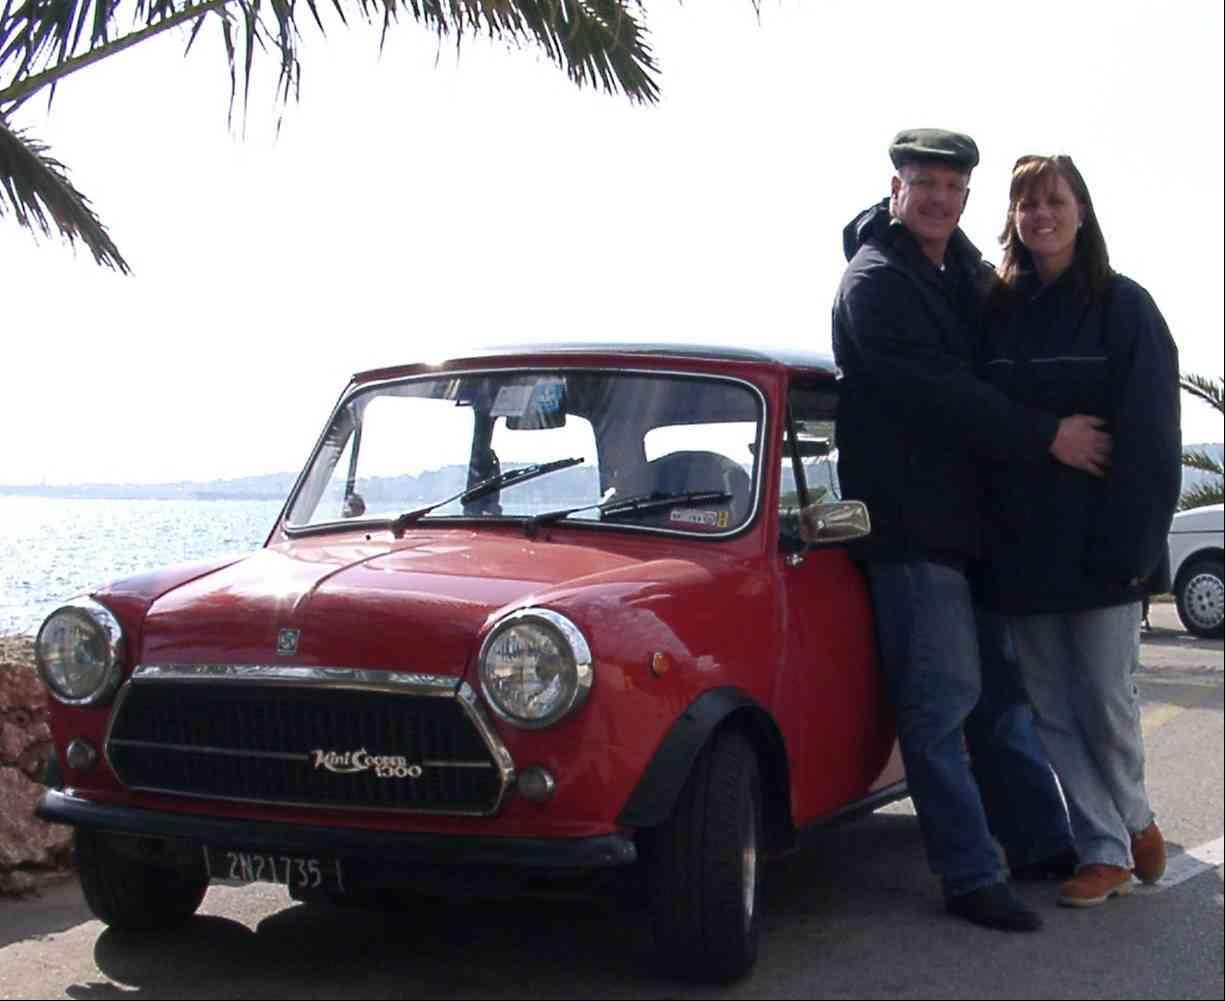 Our Innocenti Mini Cooper 1300